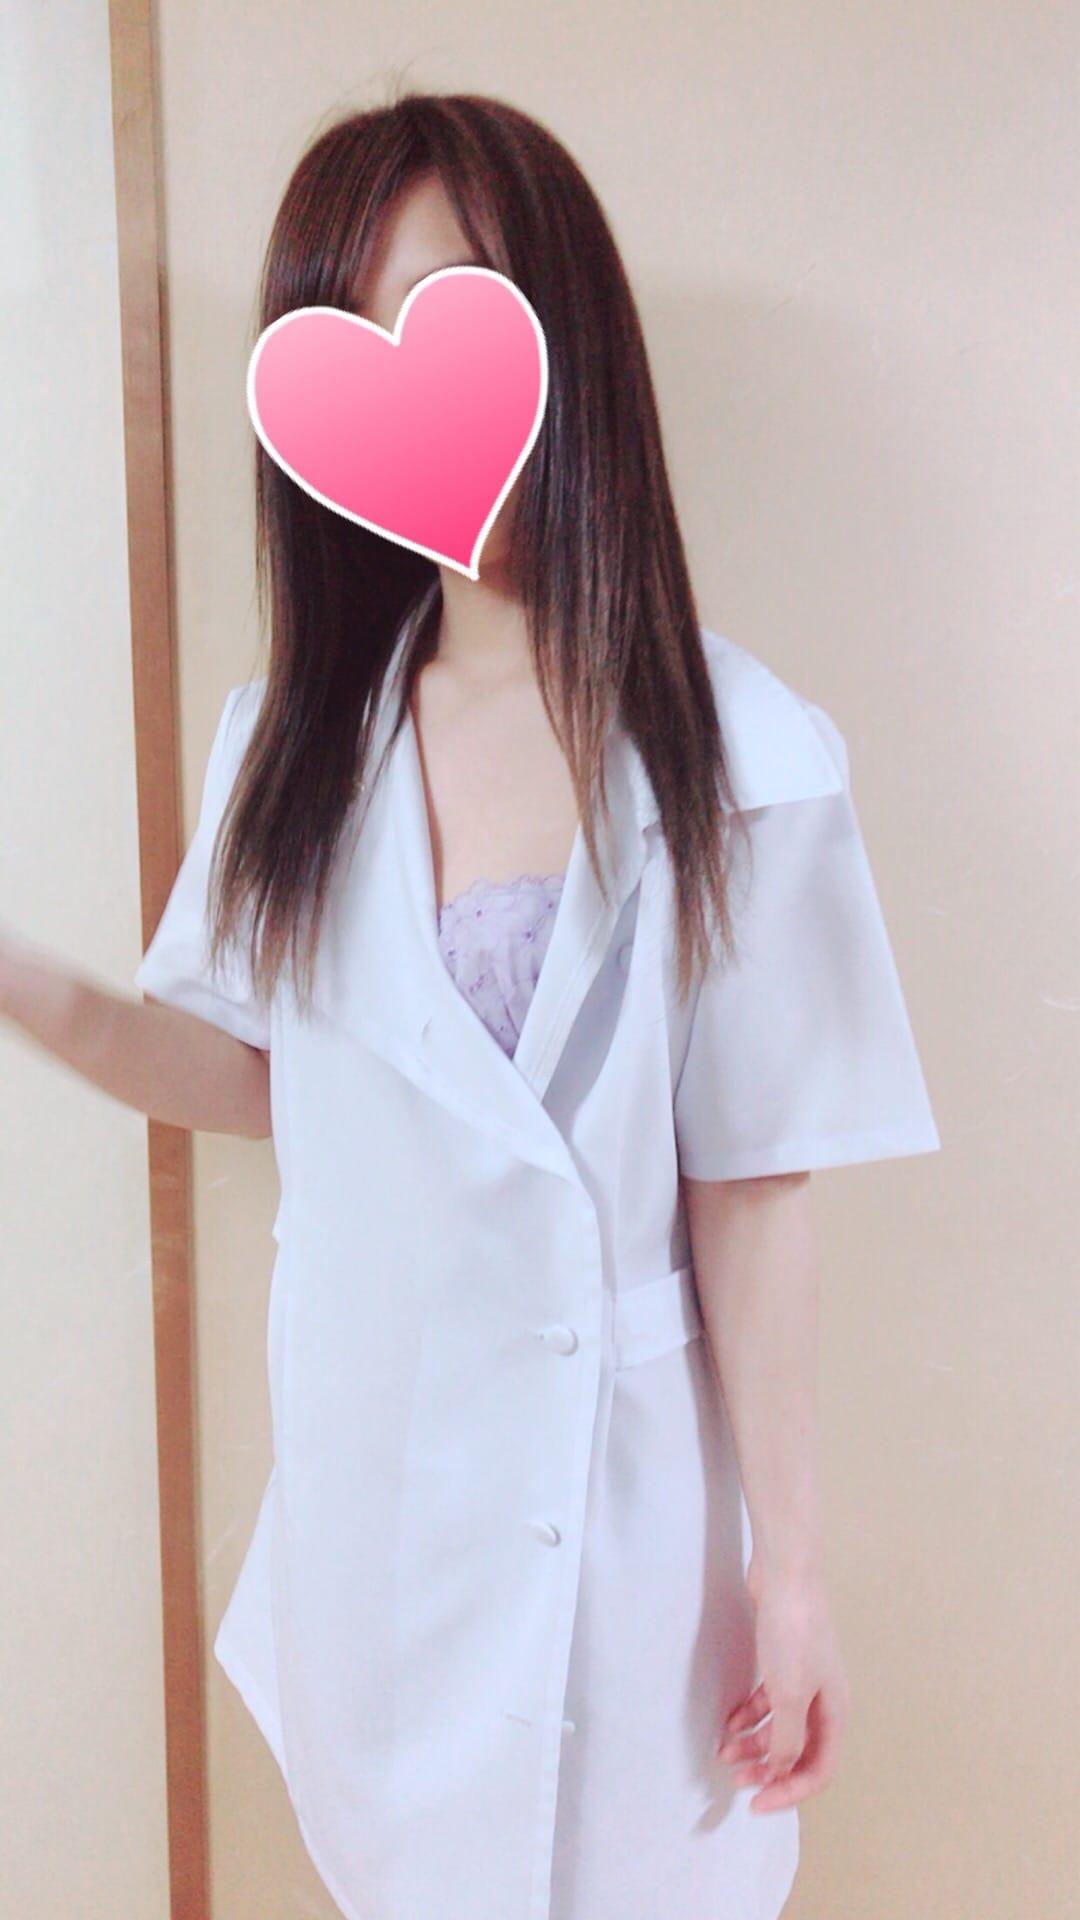 「ありがとう?」03/17(03/17) 18:27   ゆうかの写メ・風俗動画